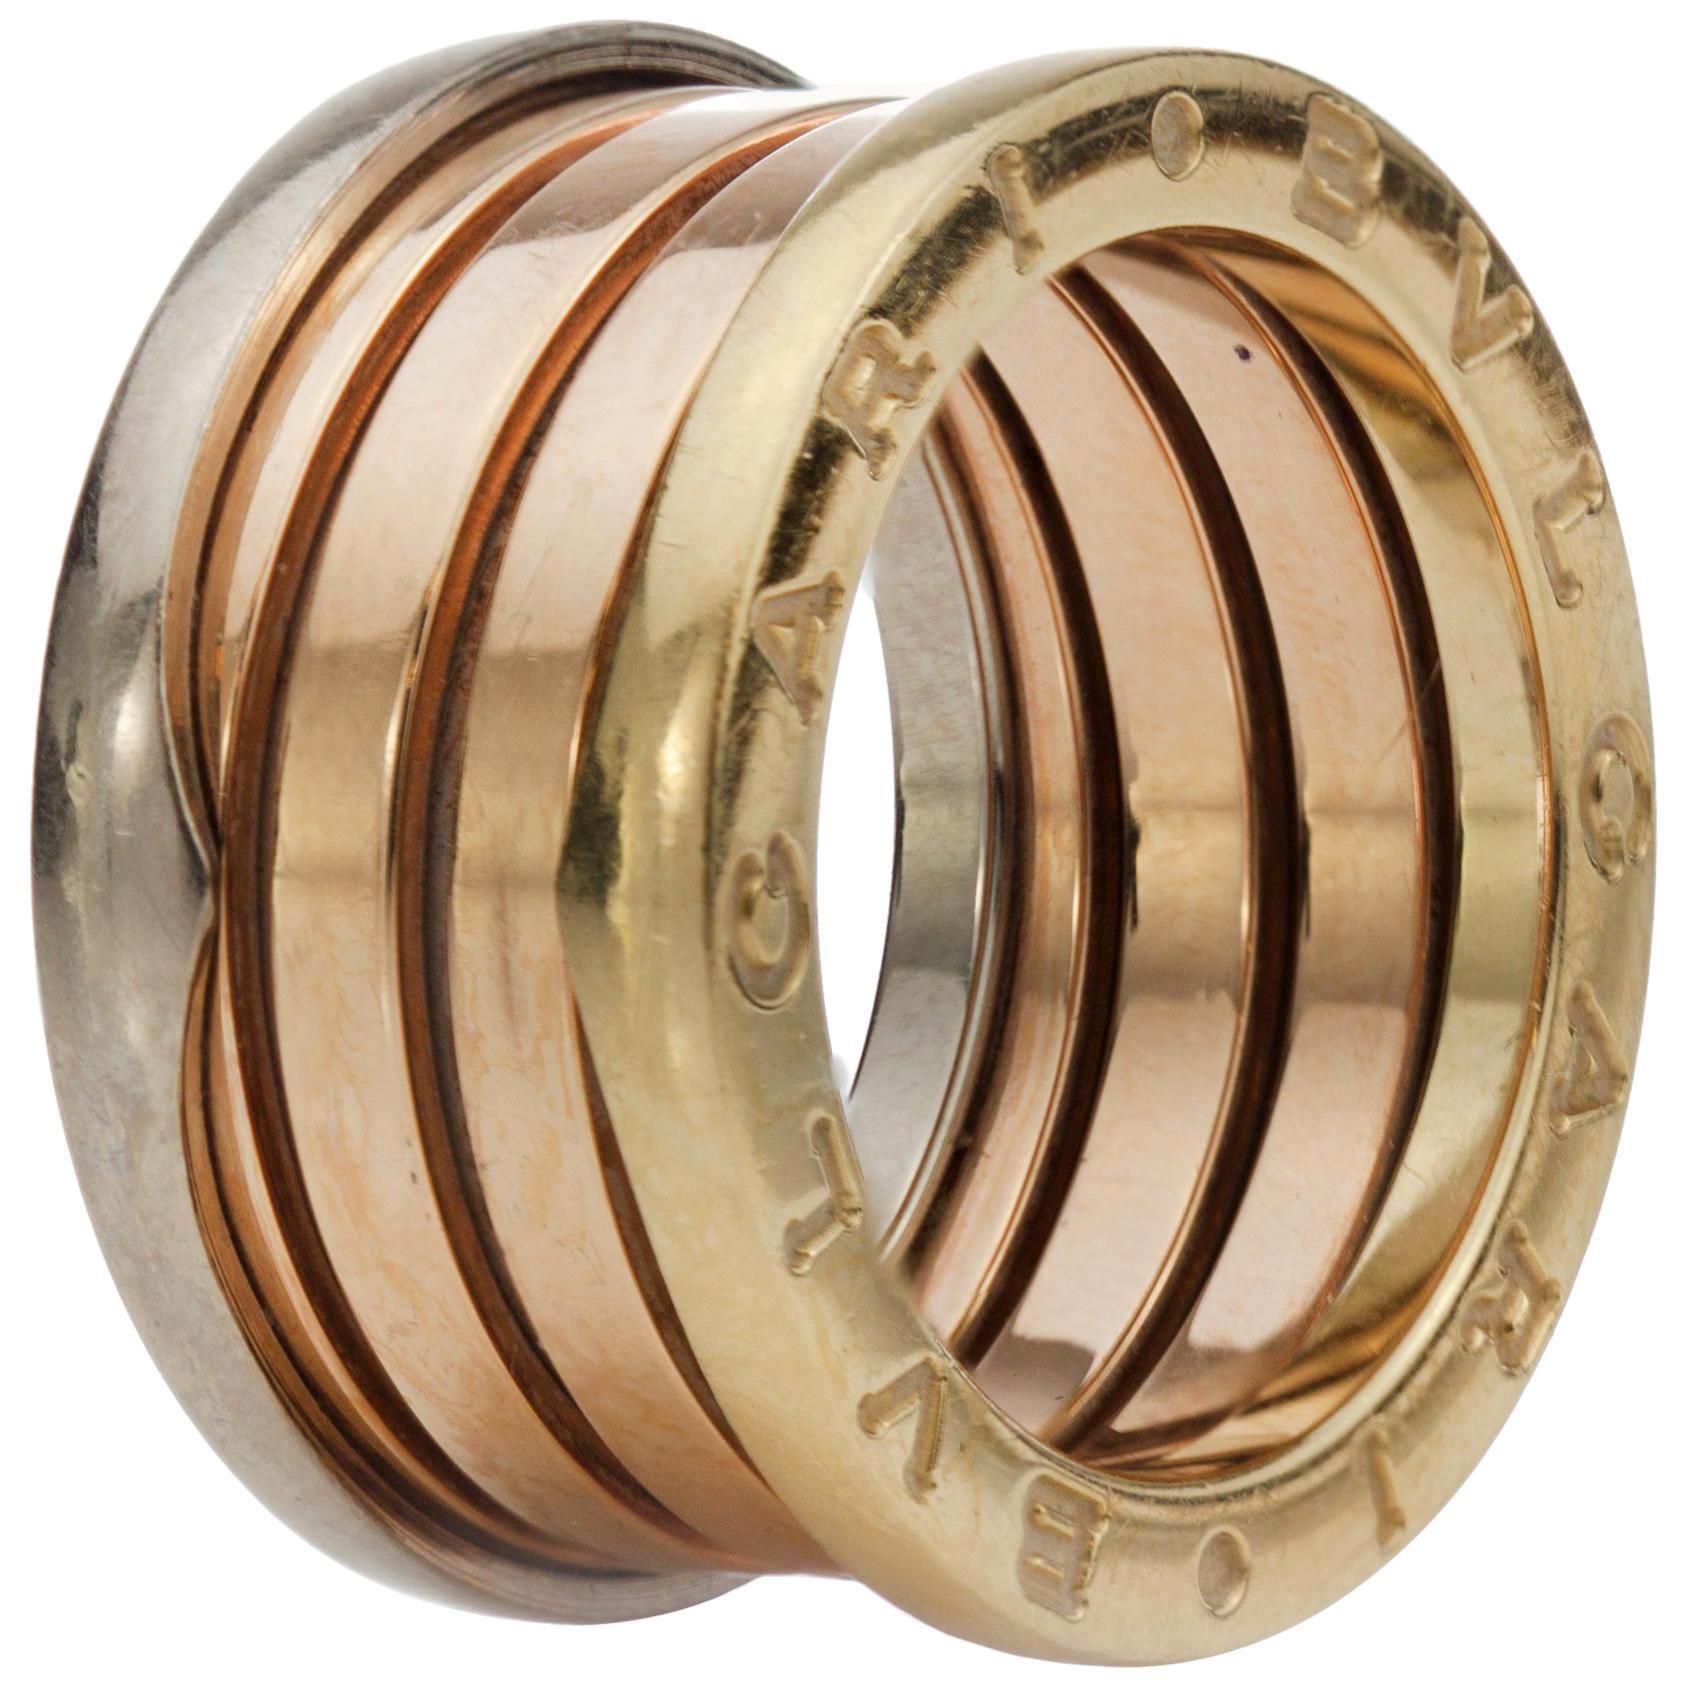 Bvlgari B.Zero 18 Karat White, Yellow and Rose Gold Ring